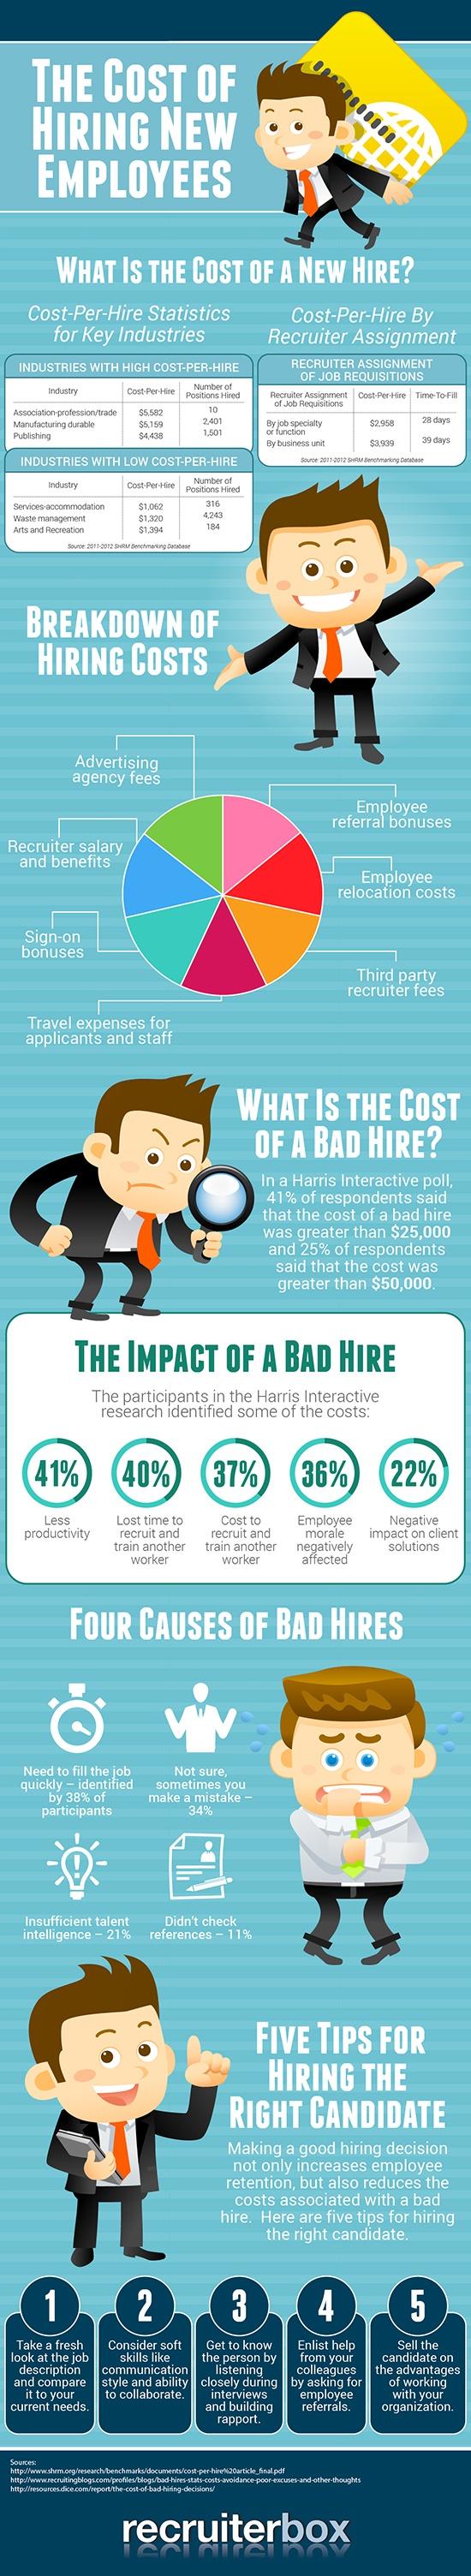 new-employee-hiring-cost-infographic-recruiterbox3.jpg